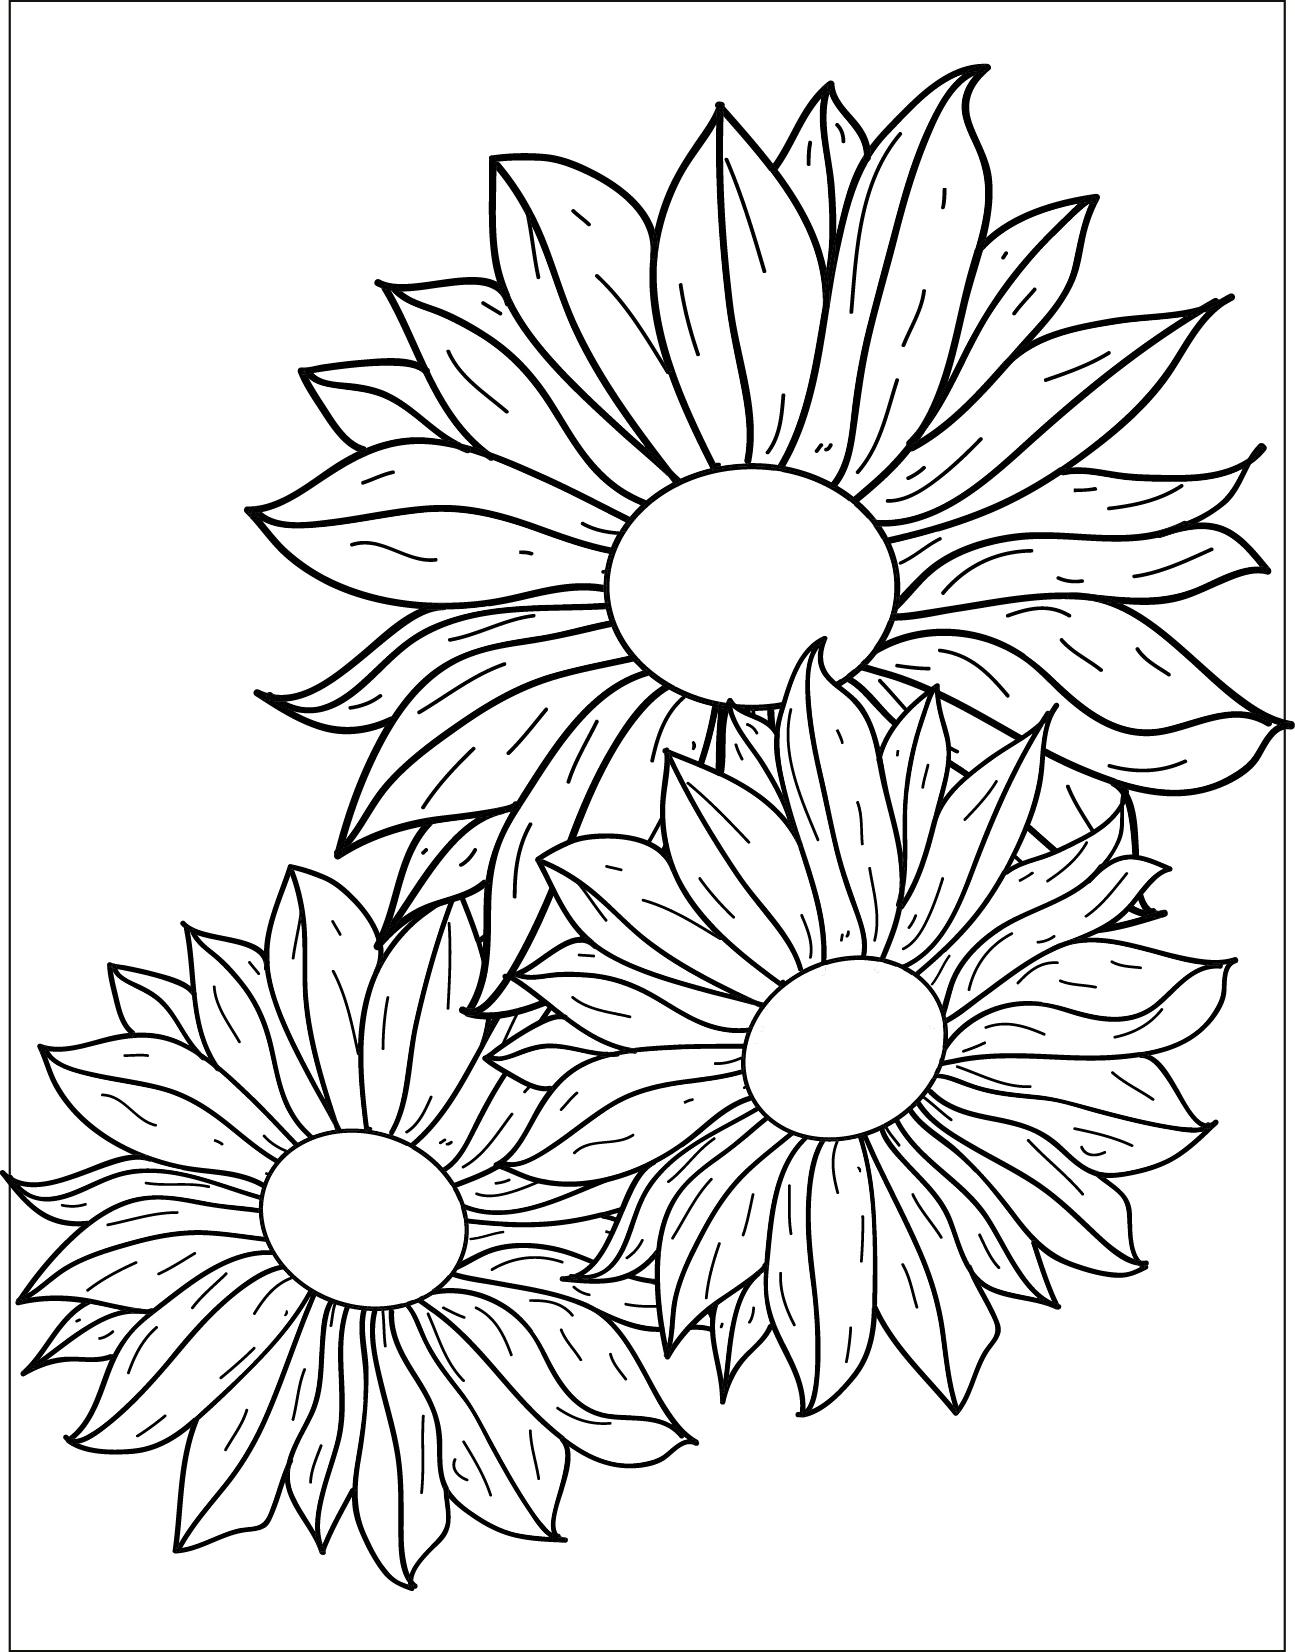 Coloriage gratuit fleurs marguerites - Coloriage colorier ...